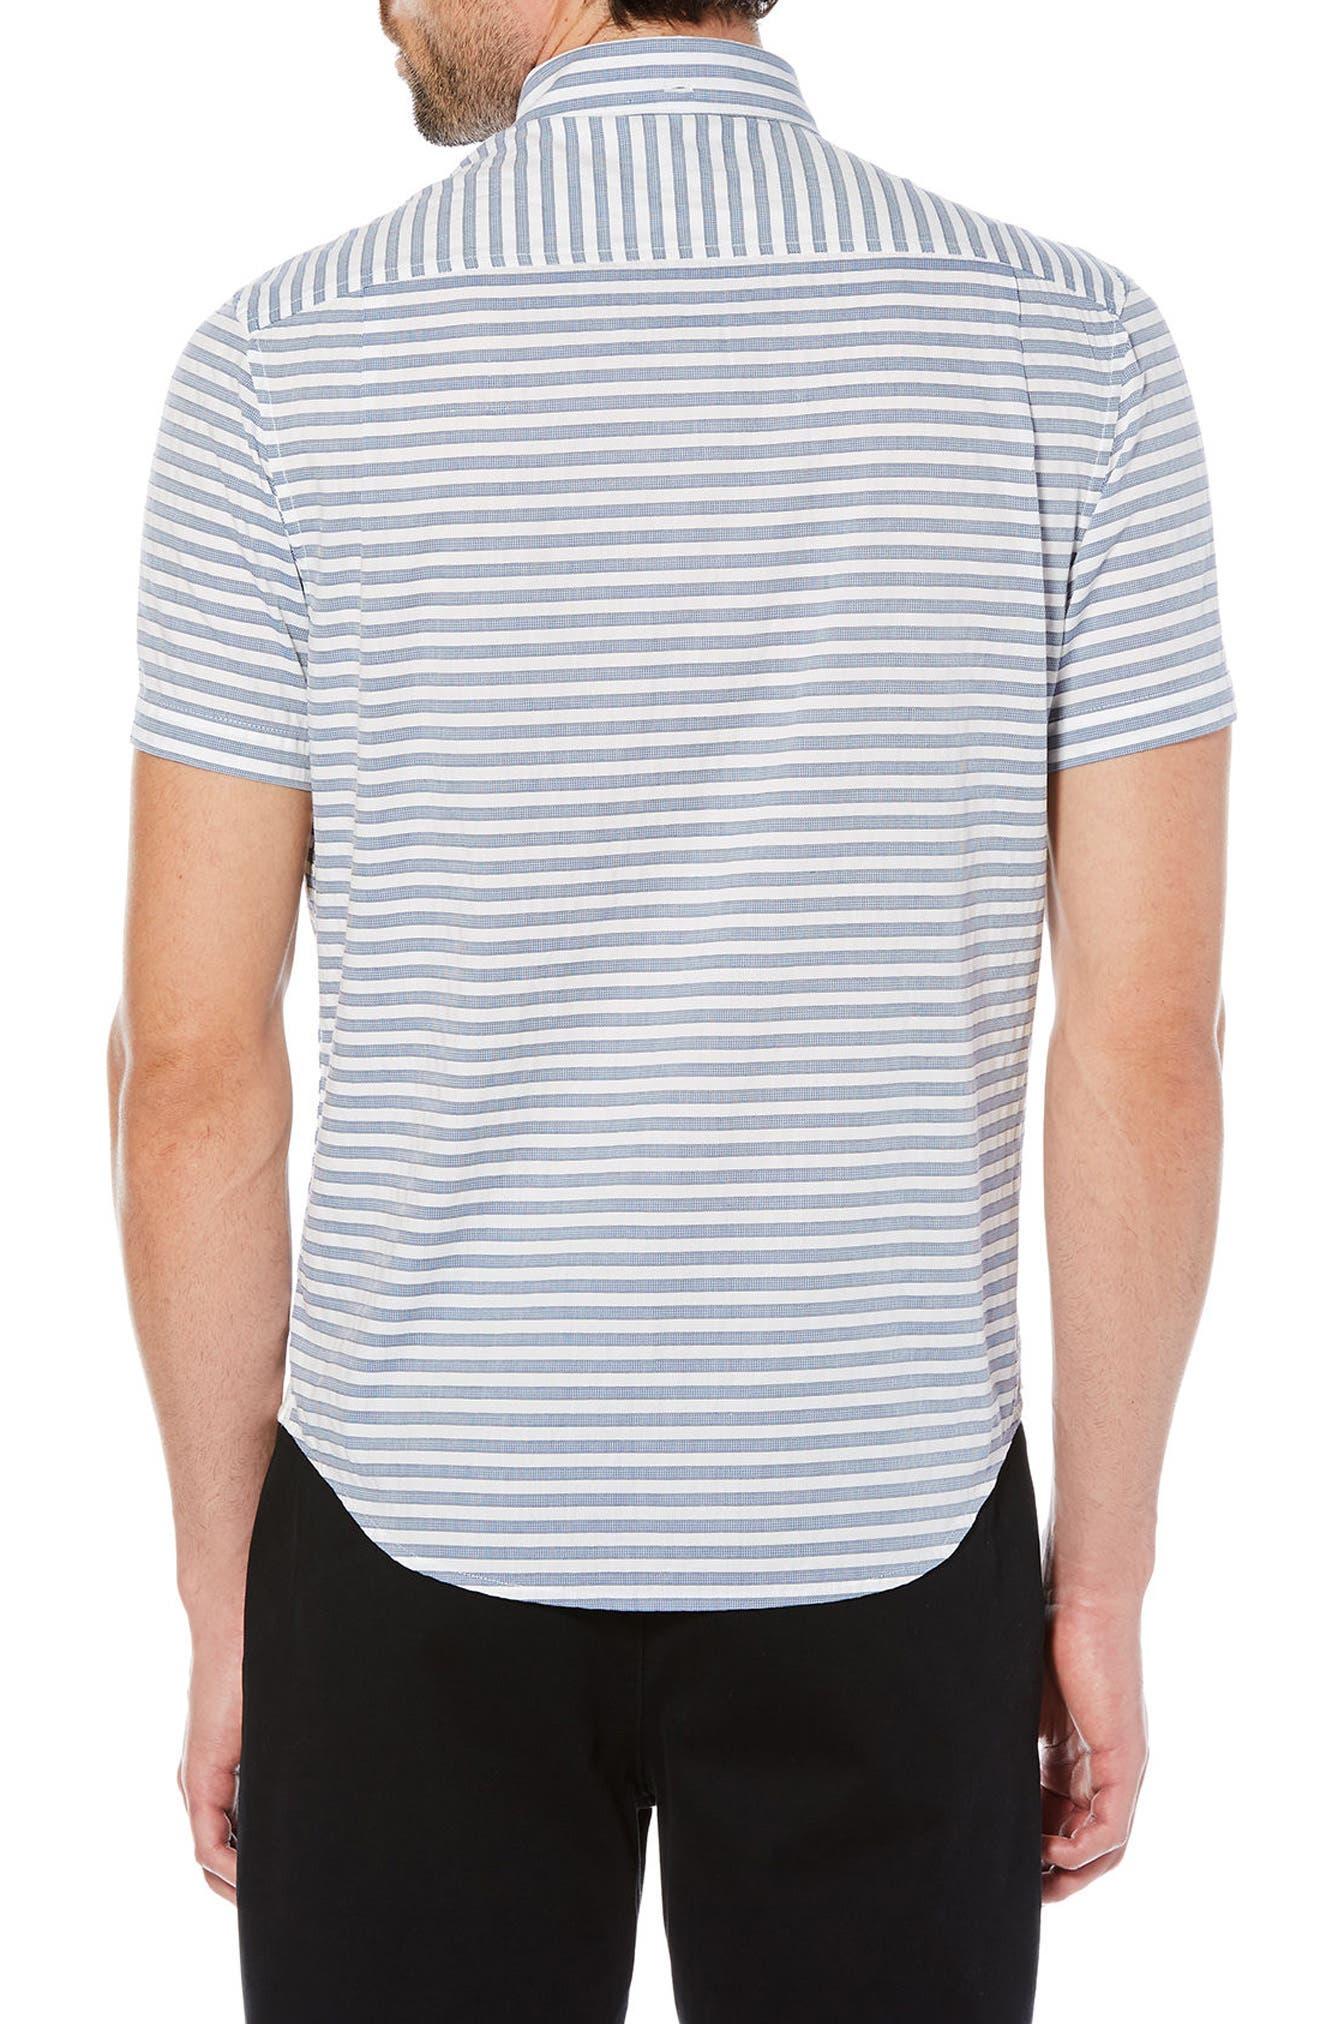 Dobby Stripe Shirt,                             Alternate thumbnail 2, color,                             413